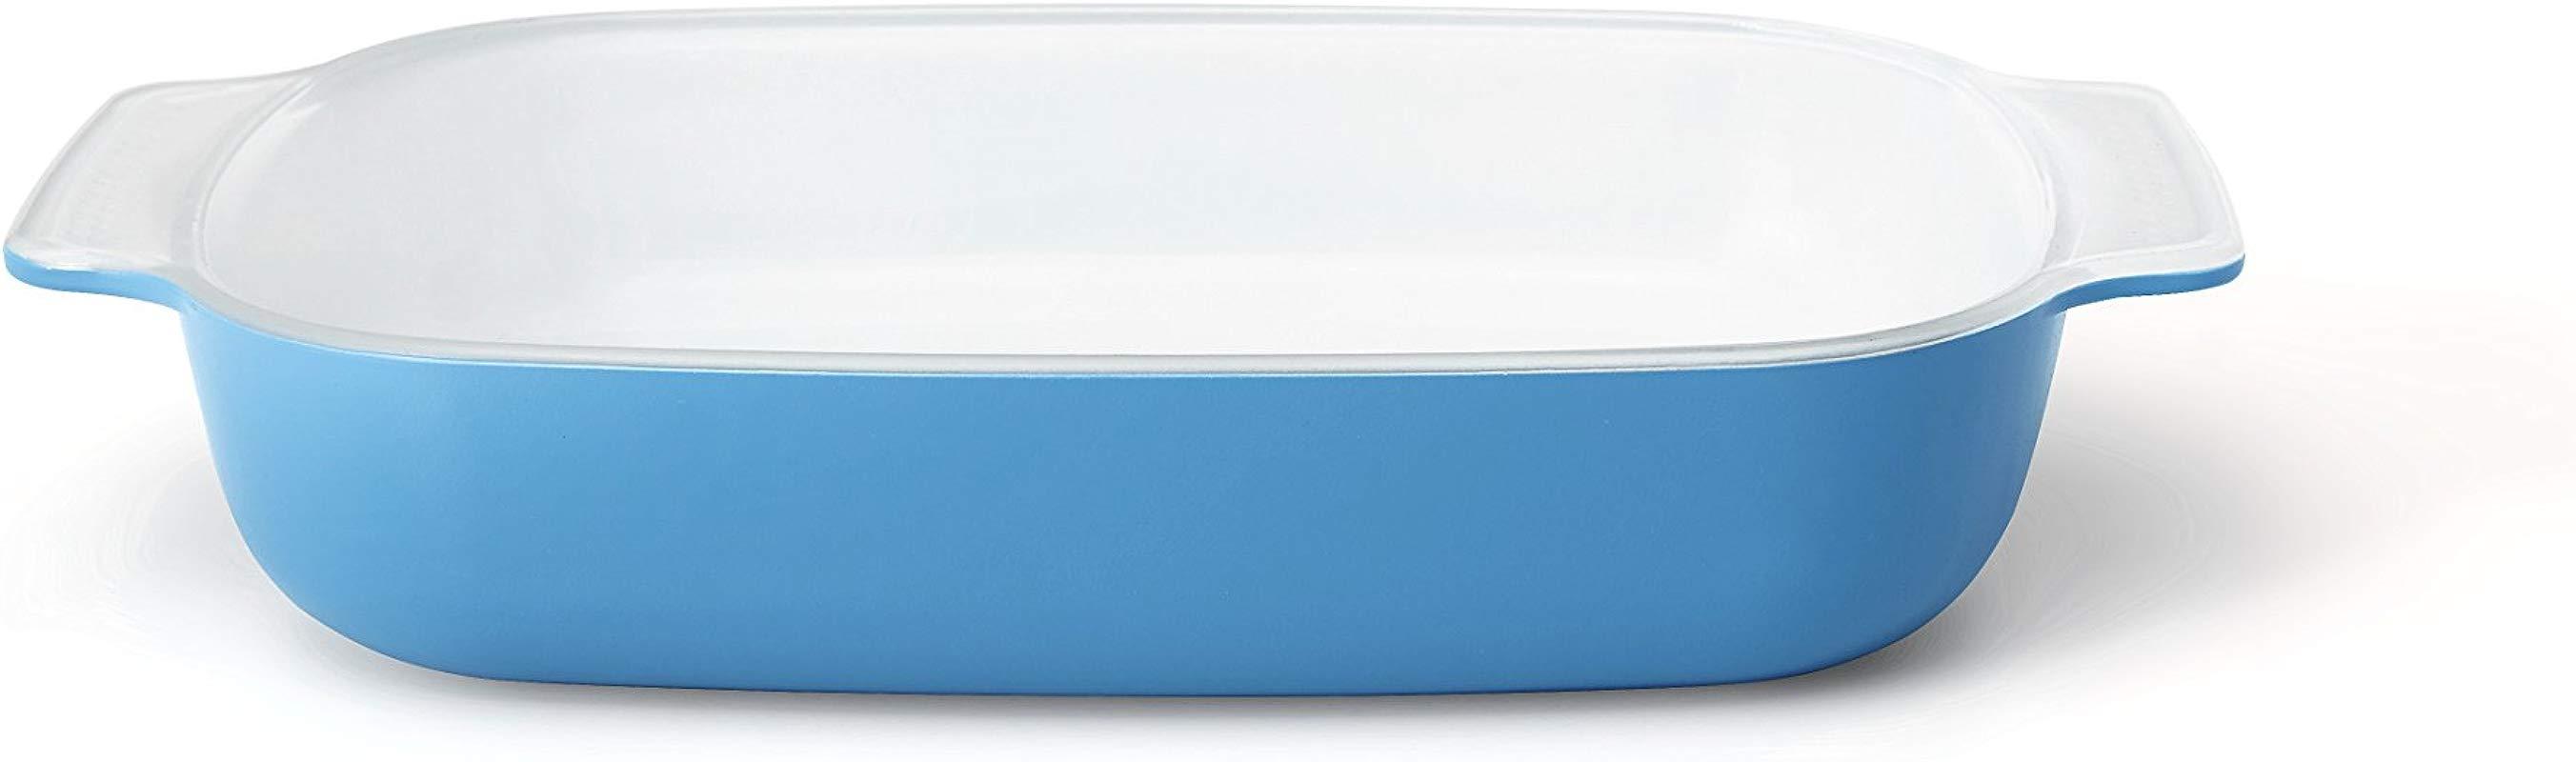 Creo SmartGlass Cookware 1 Quart Baking Dish Mediterranean Blue